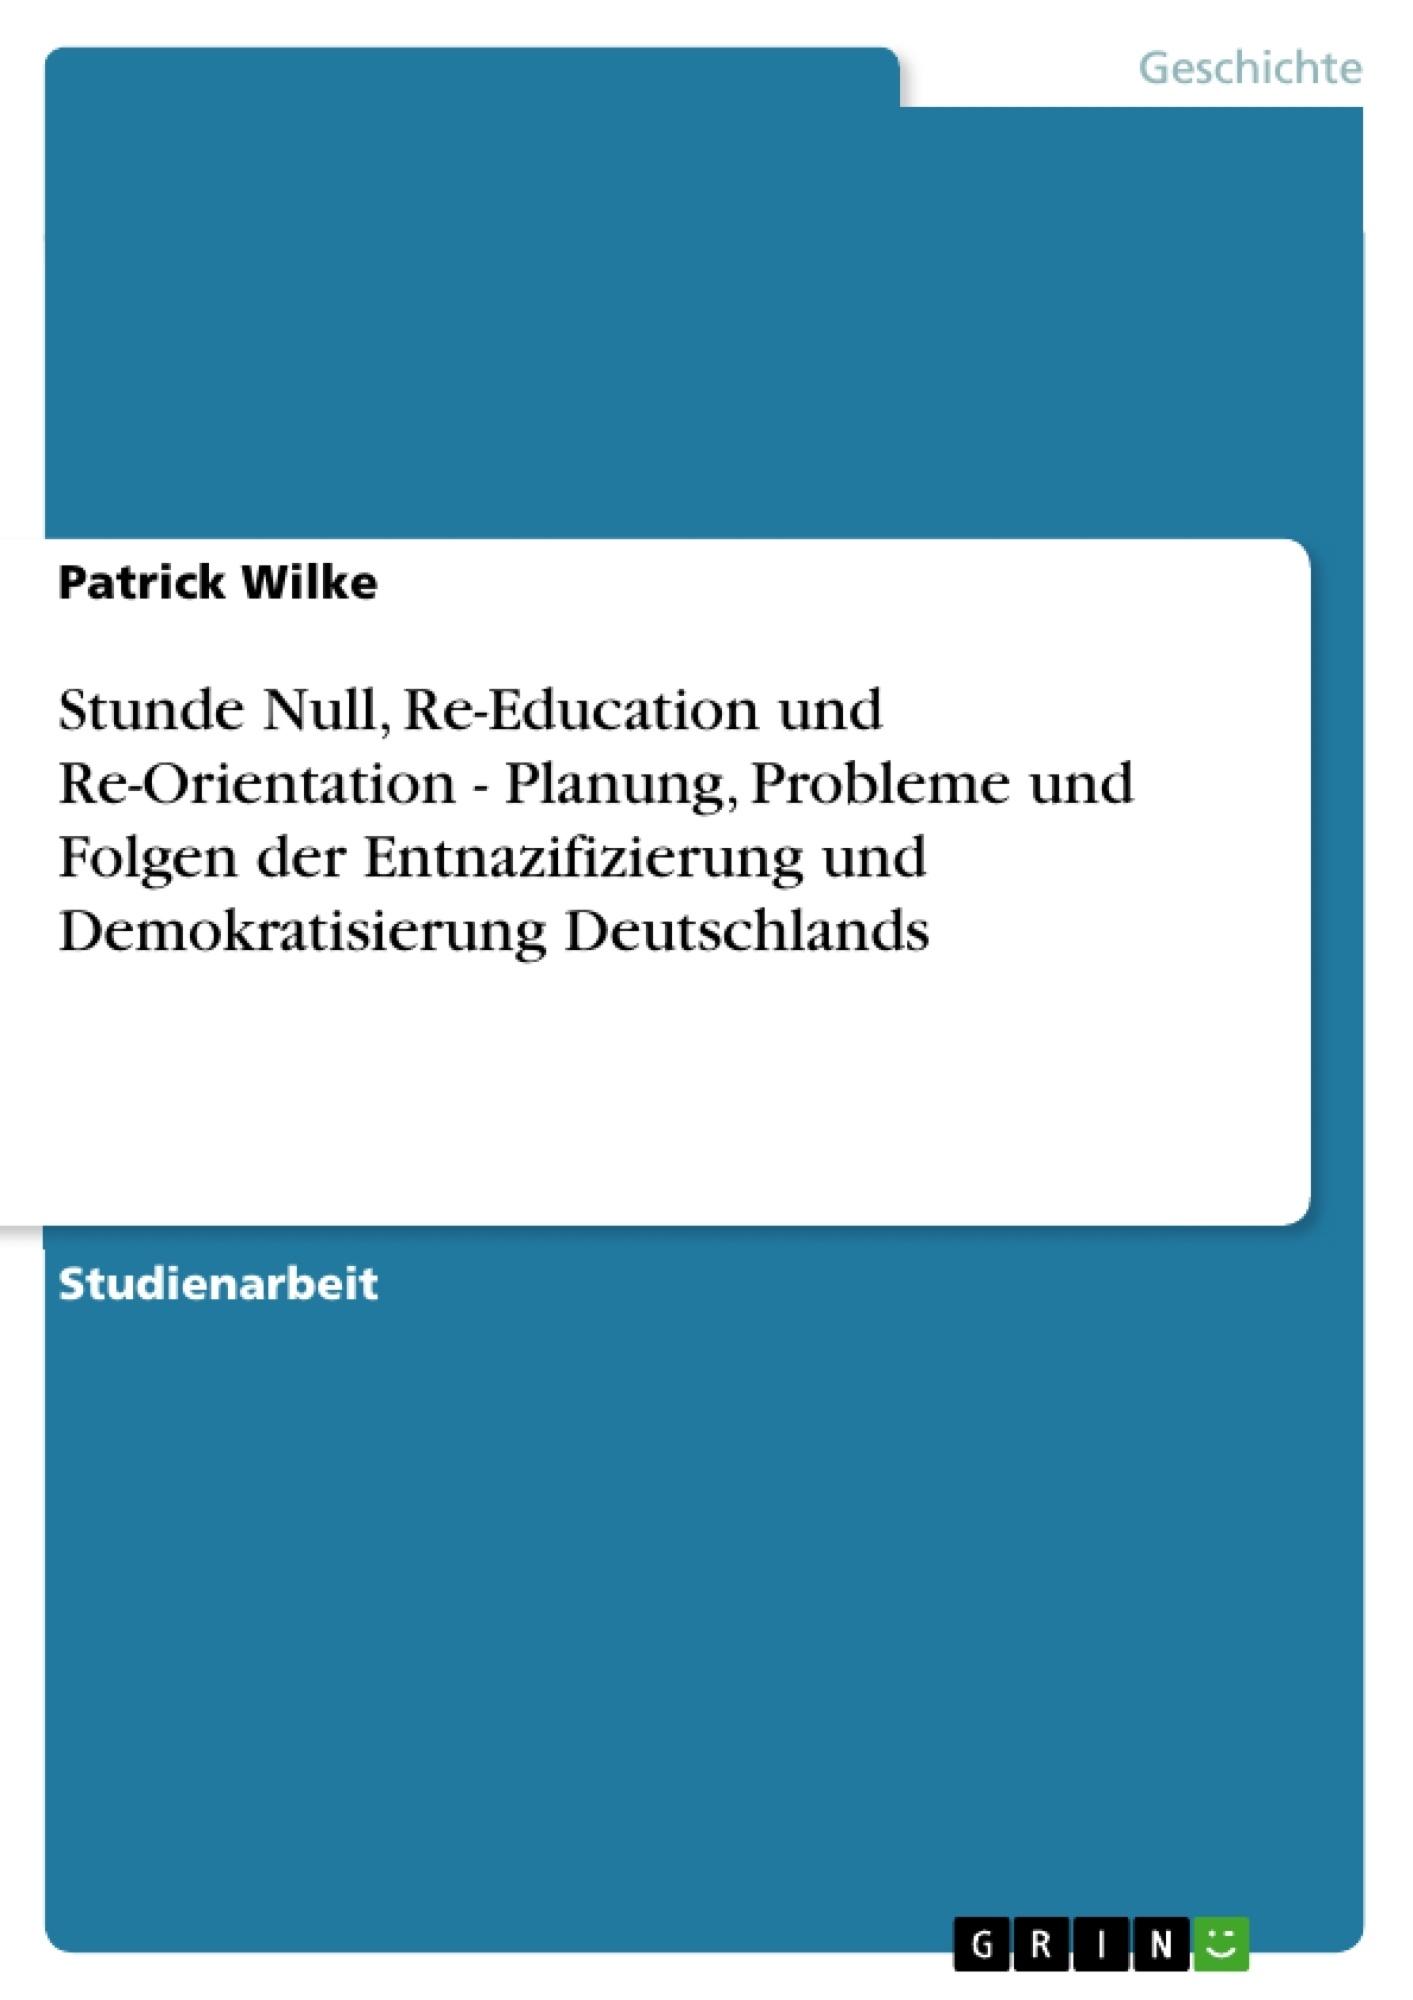 Titel: Stunde Null, Re-Education und Re-Orientation - Planung, Probleme und Folgen der Entnazifizierung und Demokratisierung Deutschlands